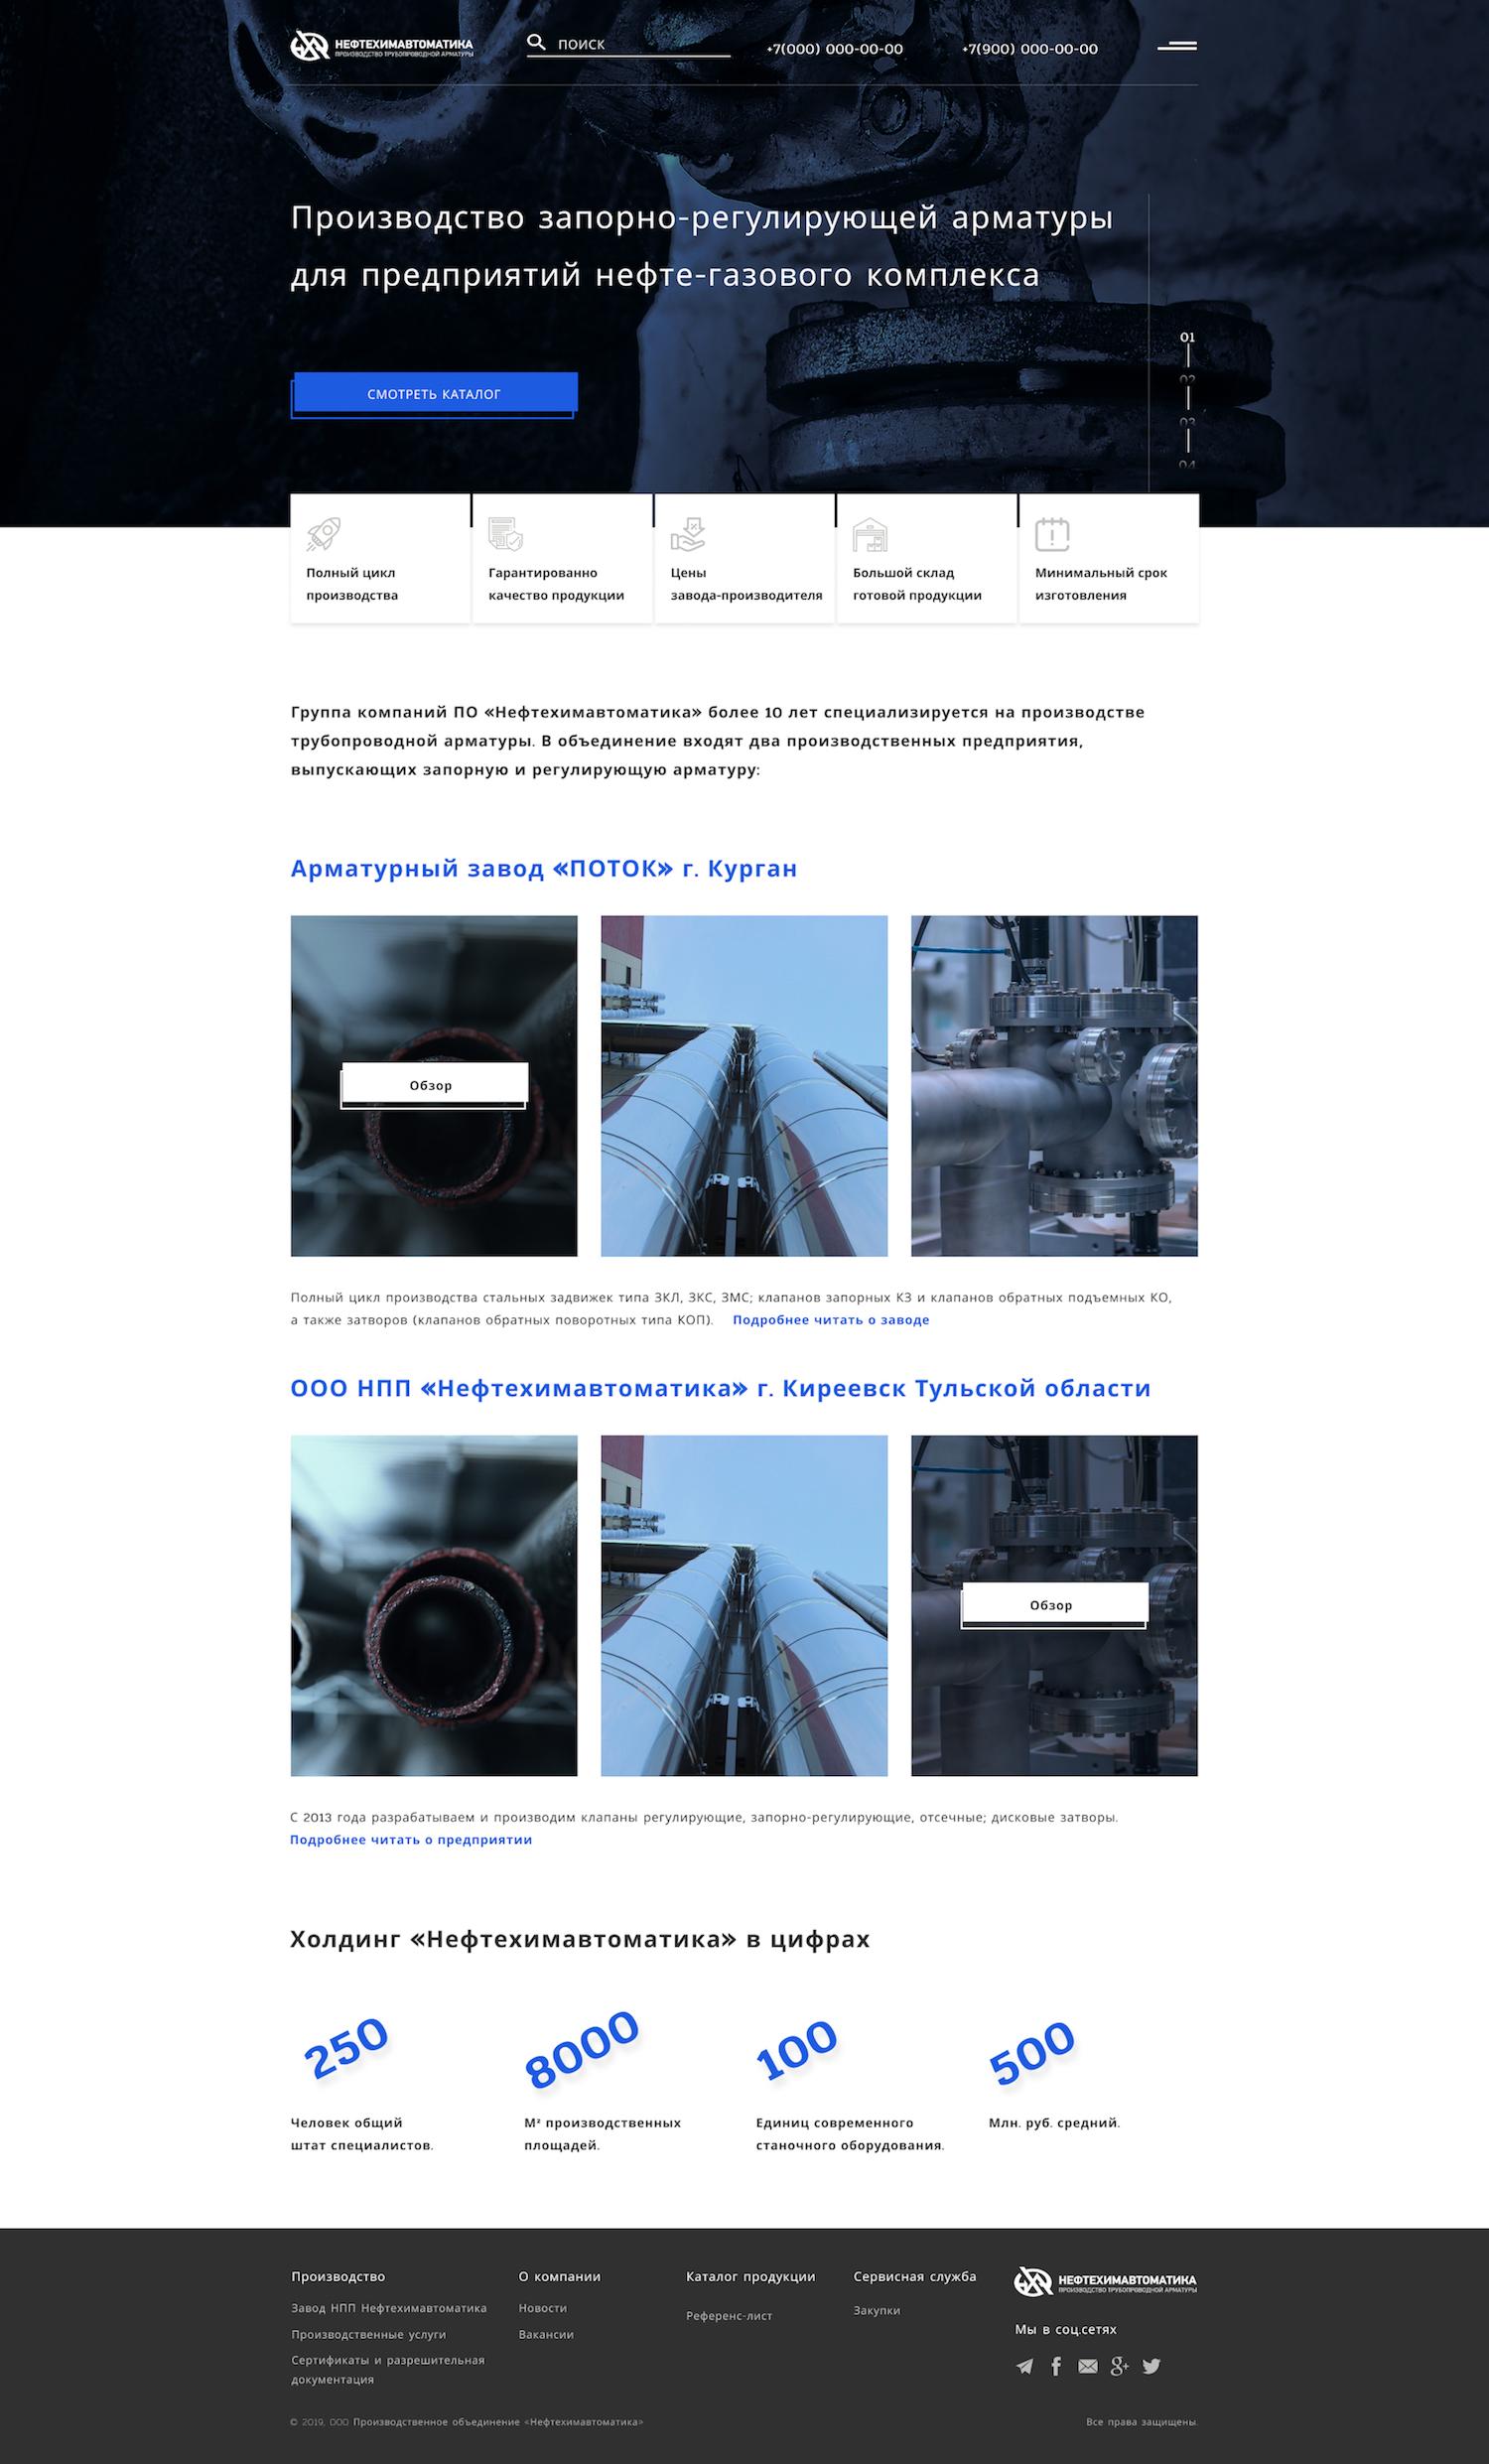 Внимание, конкурс для дизайнеров веб-сайтов! фото f_5495c5b01eb2ce52.jpg